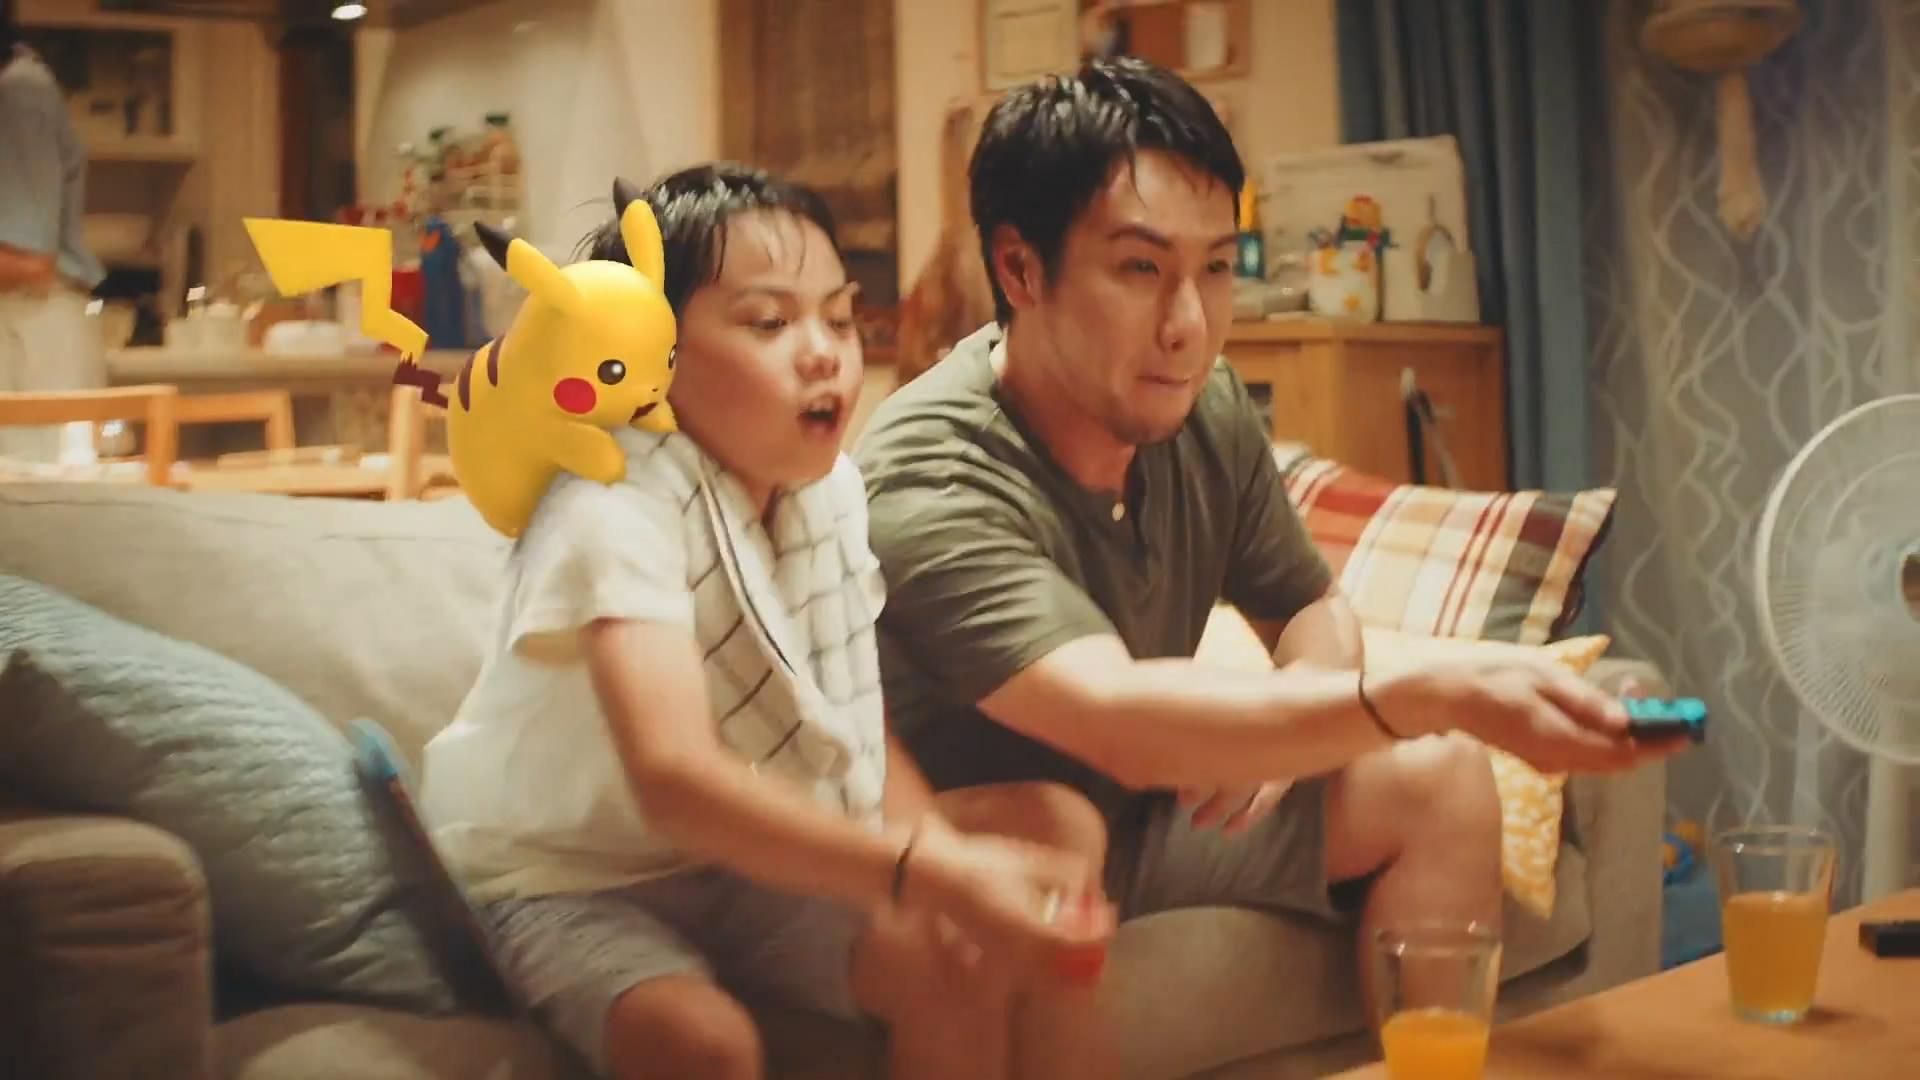 《精灵宝可梦Let's Go》 中文预告公布 带上皮卡丘战斗吧